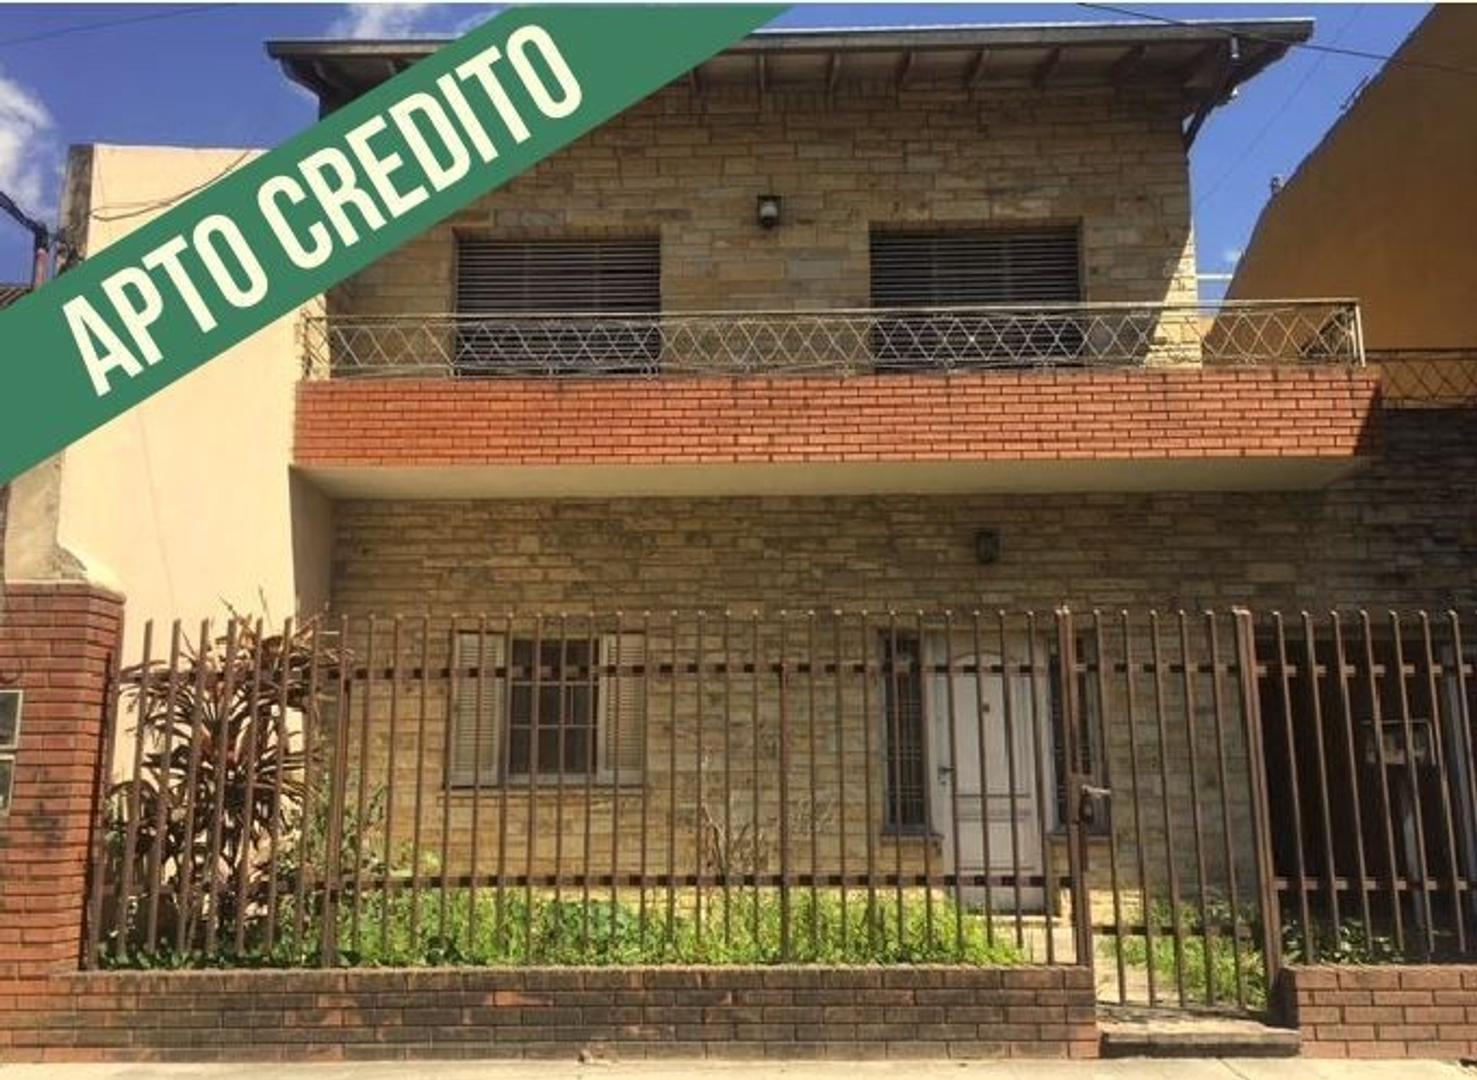 XINTEL(OMP-OMP-411) Casa 3 amb. en Caseros lado Norte